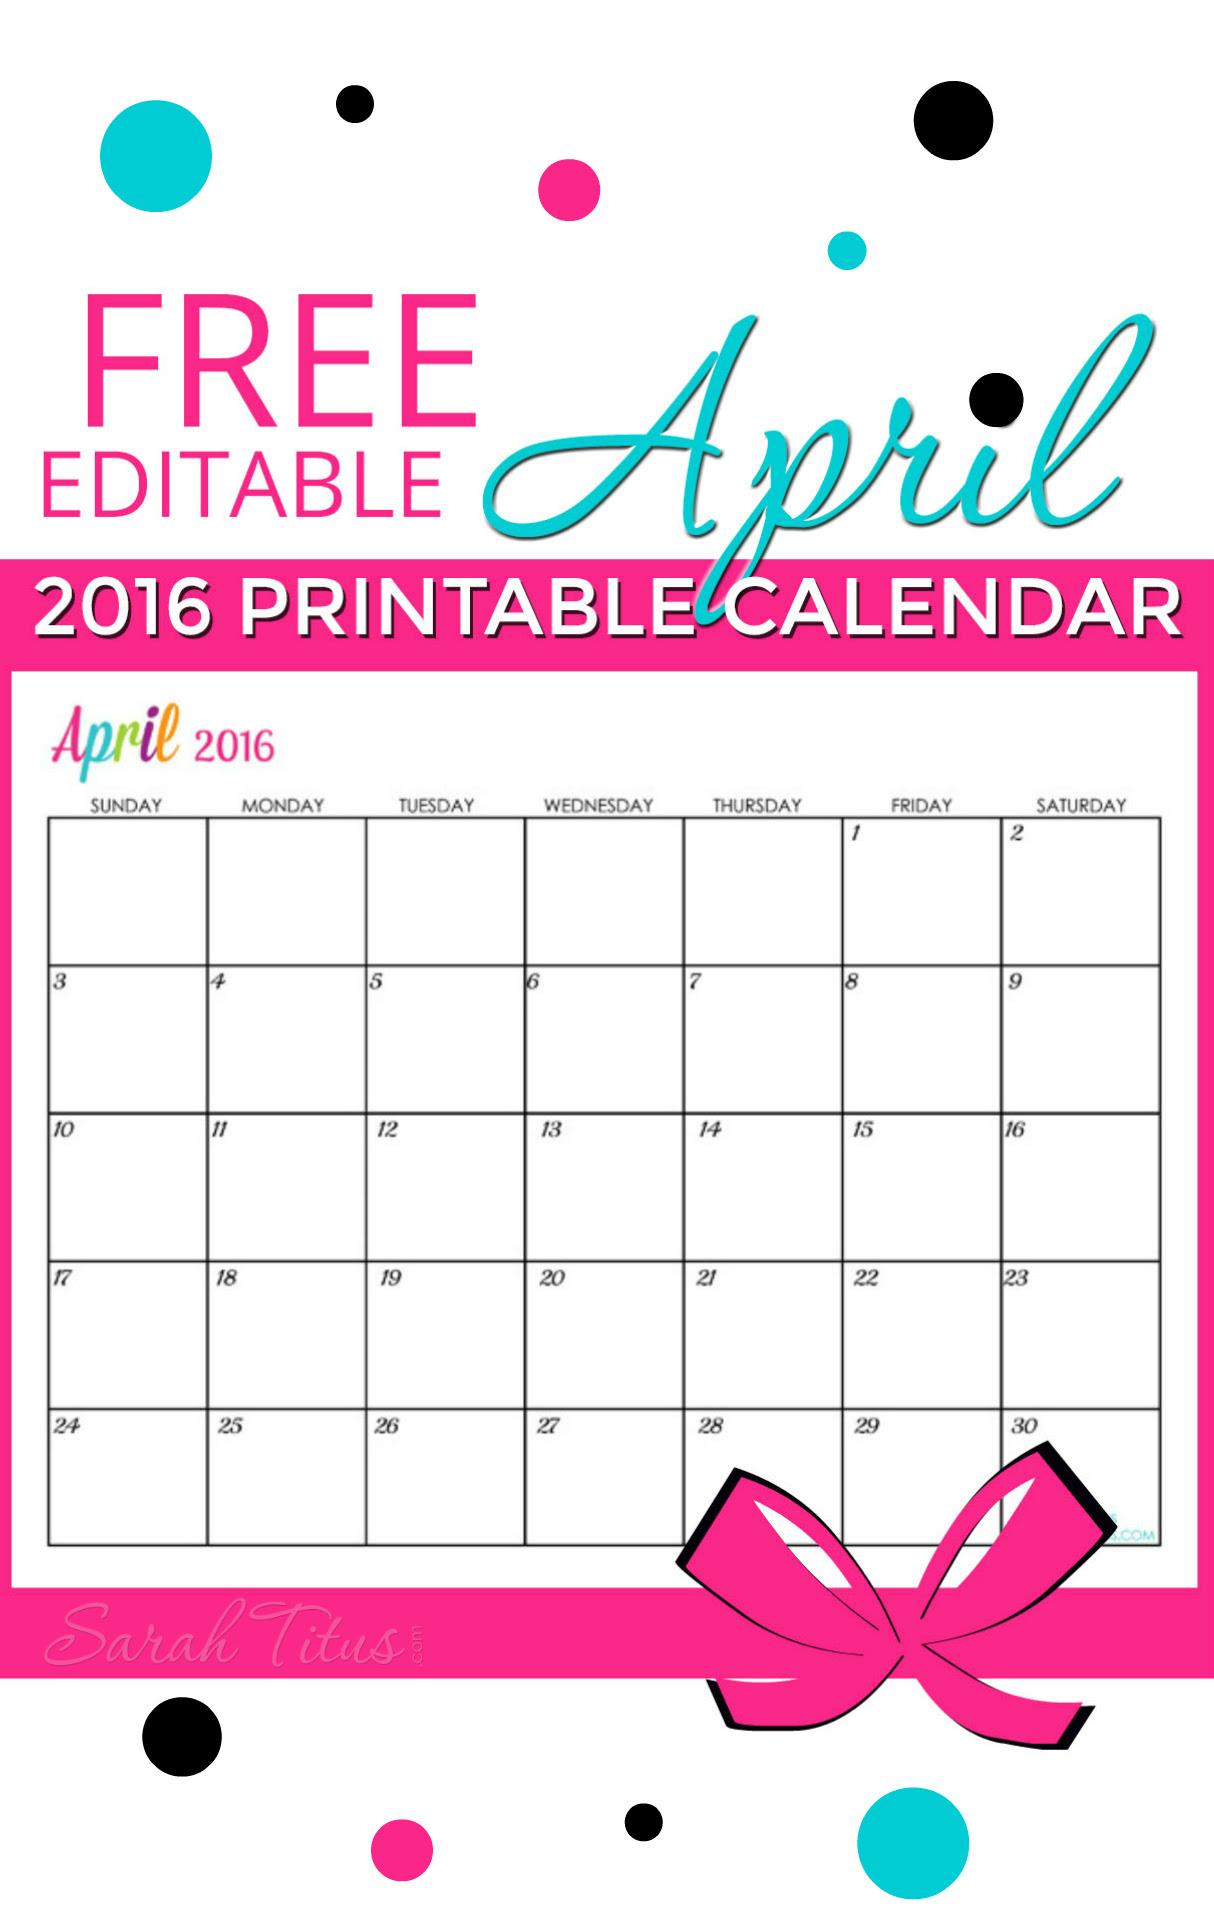 Free Blank Online Calendar April 2016 - Sarah Titus